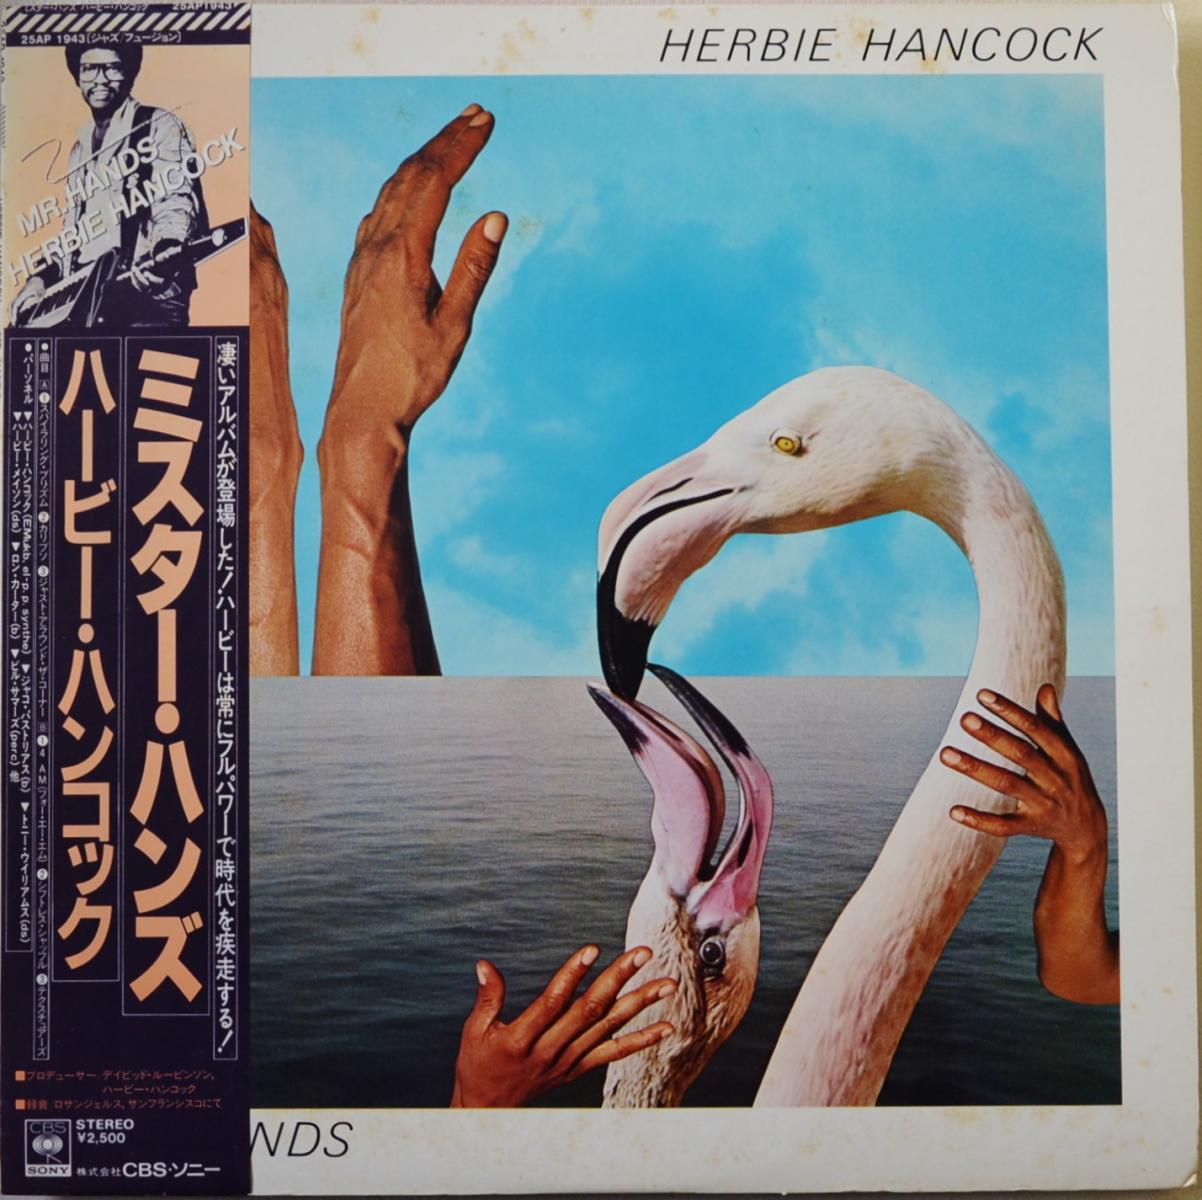 ハービー・ハンコック HERBIE HANCOCK / ミスター・ハンズ MR.HANDS (LP)